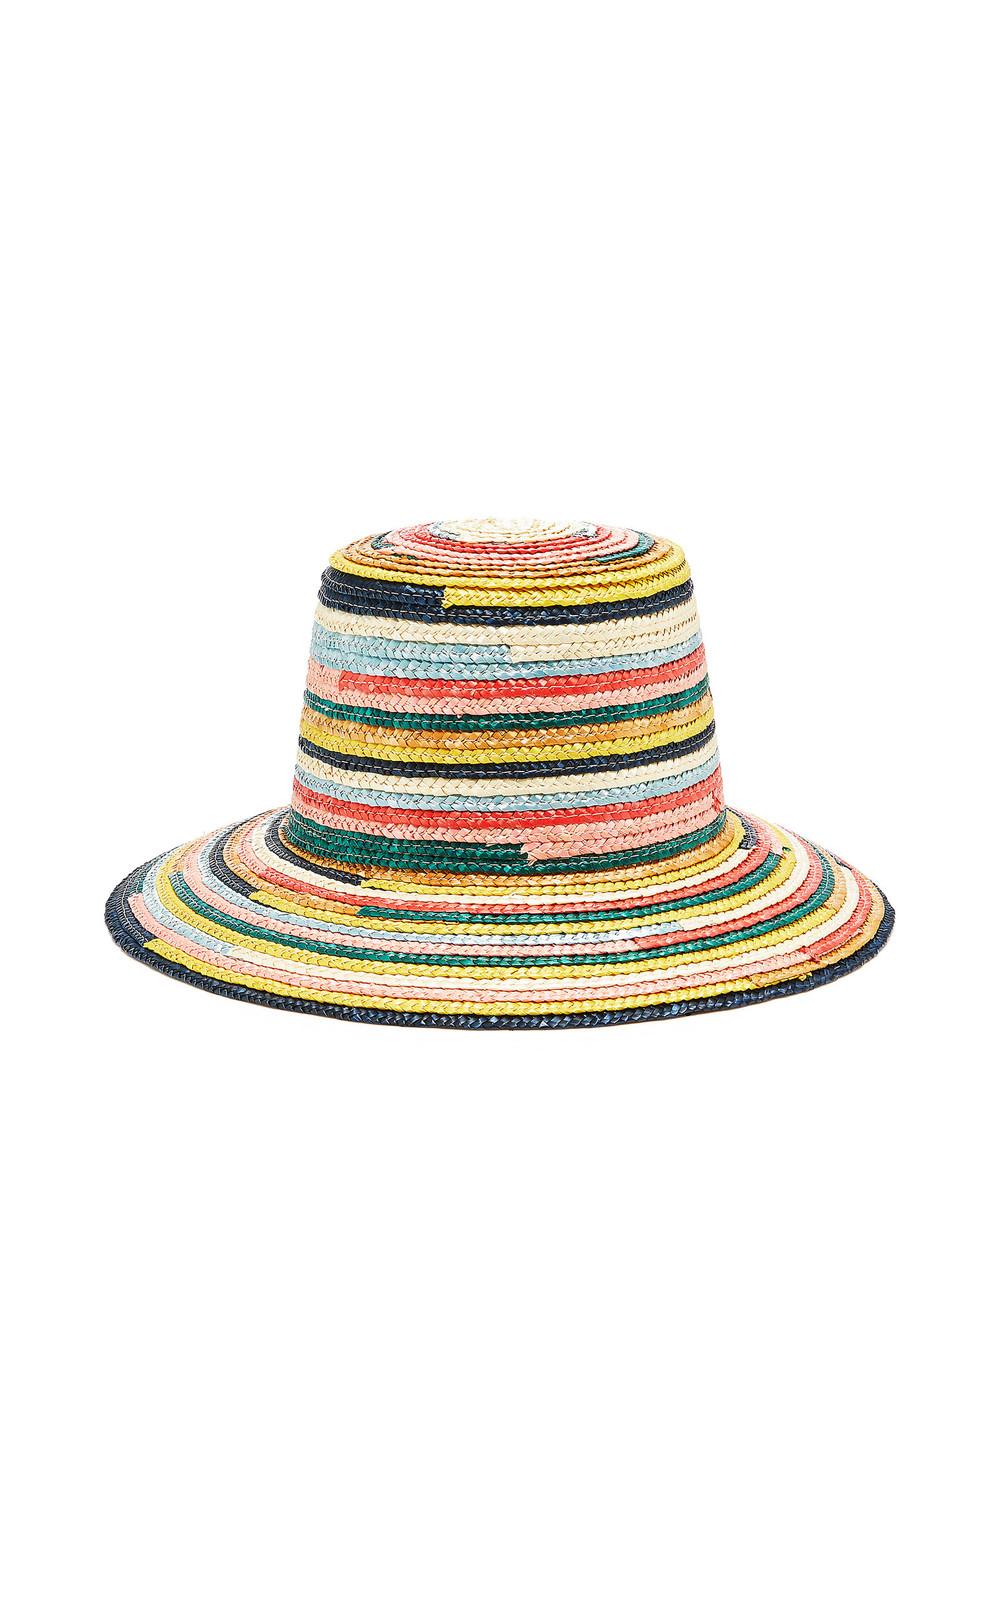 Eugenia Kim Stevie Striped Straw Hat in multi